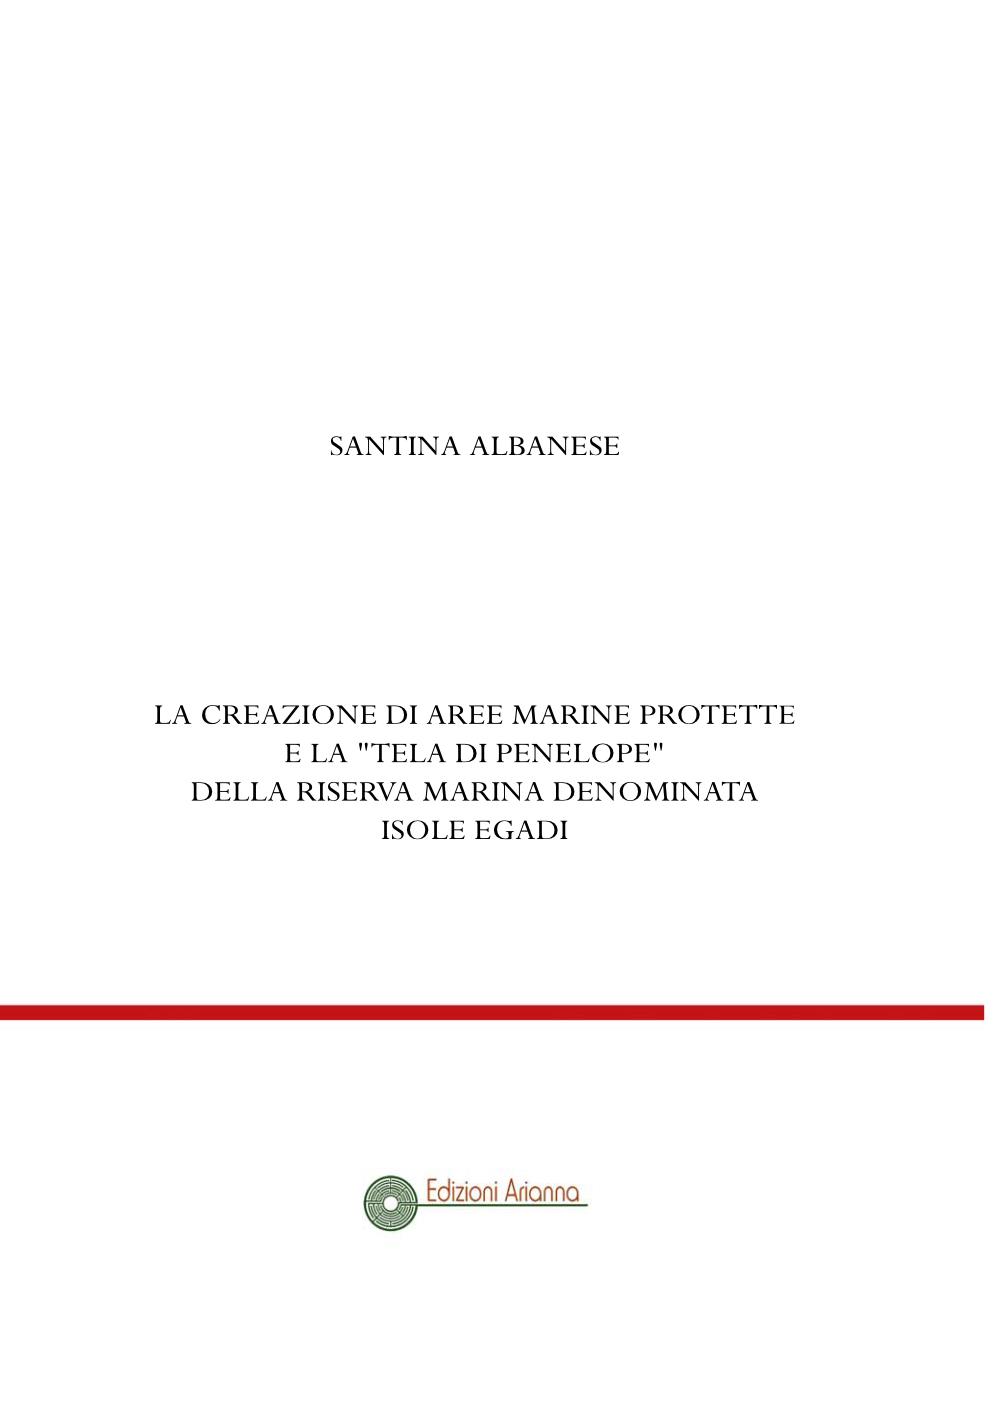 la-creazione-di-aree-marine-protette-e-la-tela-di-penelope-della-riserva-marina-denominata-isole-egadi